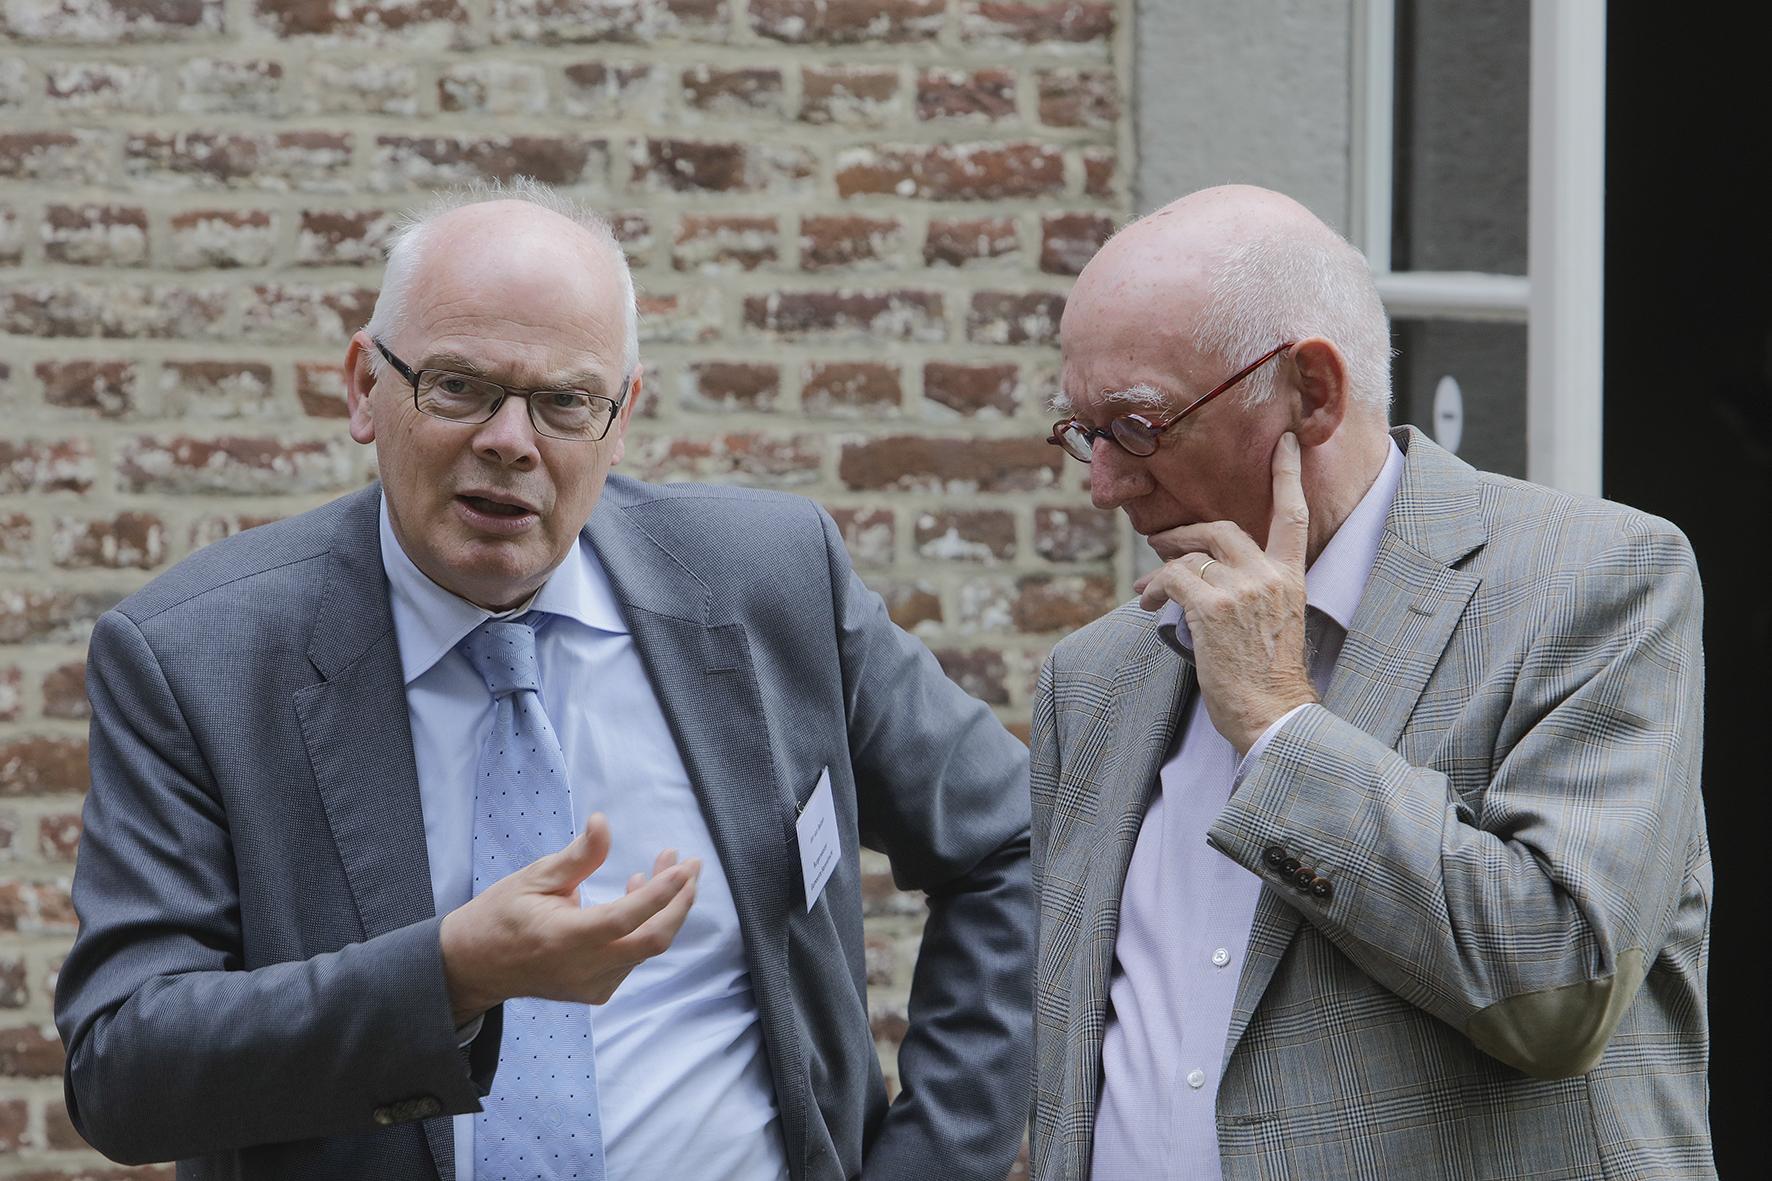 Burgemeesters excursie Sittard Stein (28)